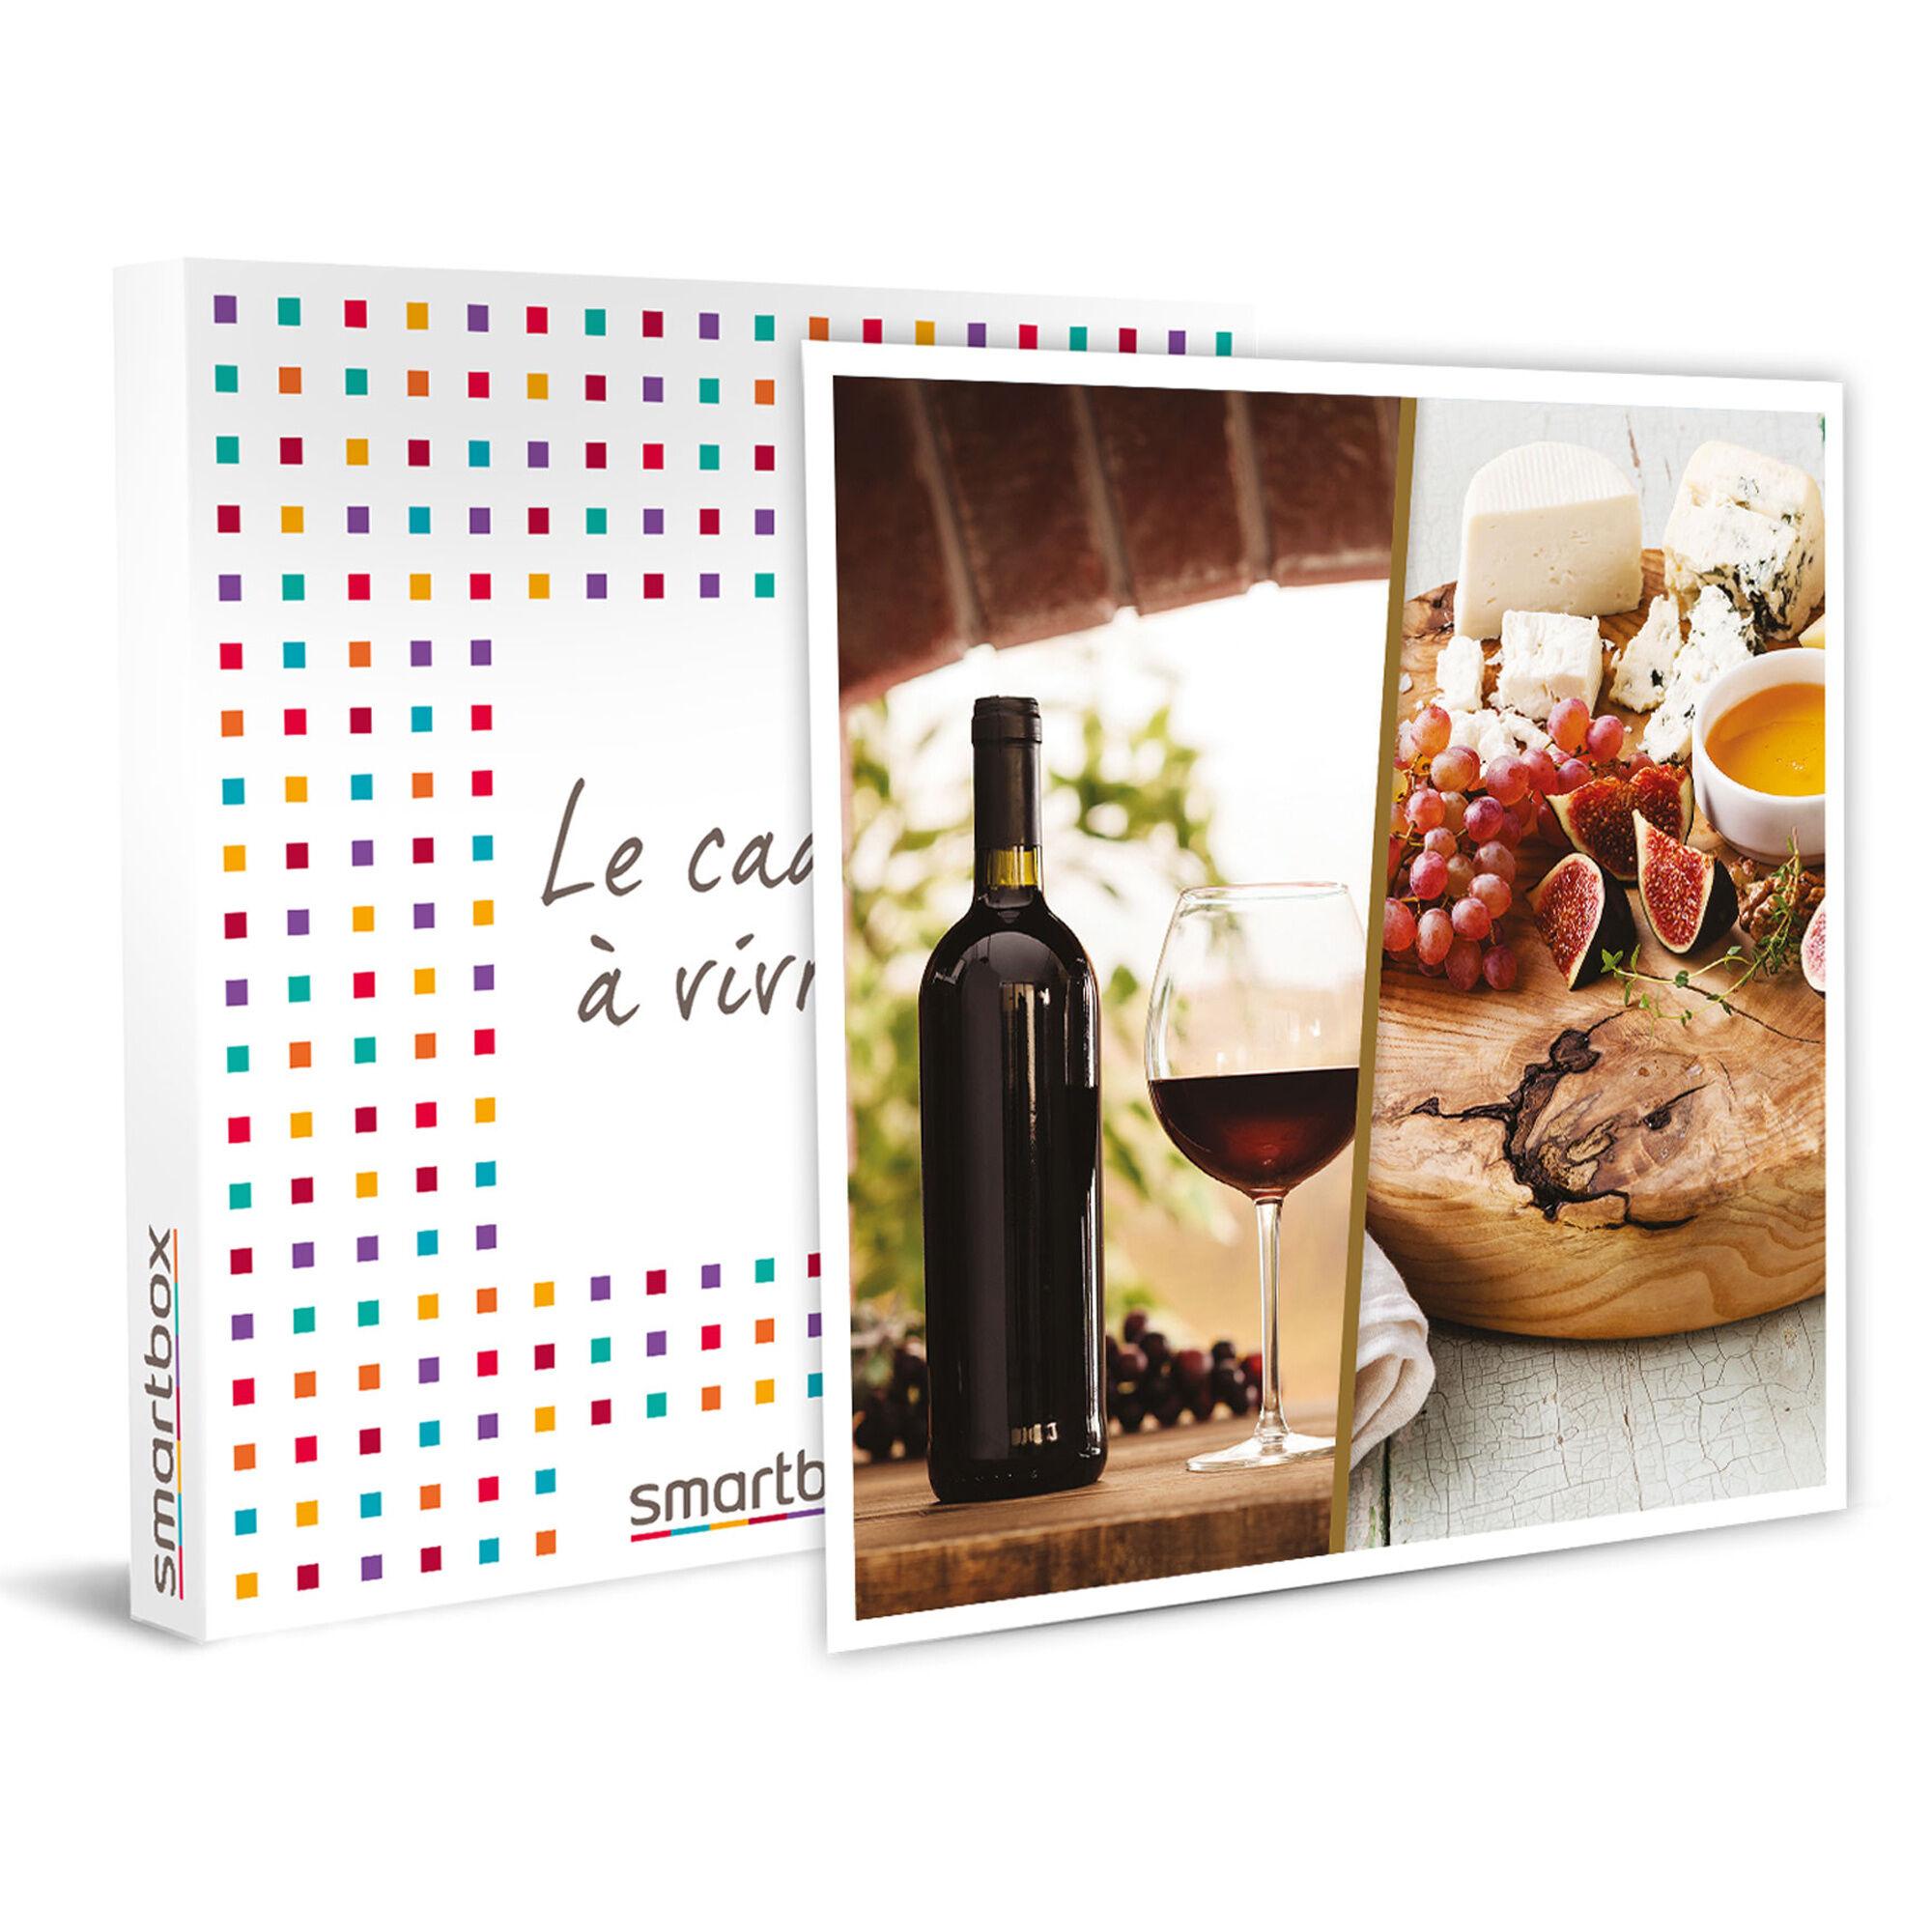 Smartbox Atelier œnologie et dégustation de fromages pour 2 épicuriens Coffret cadeau Smartbox